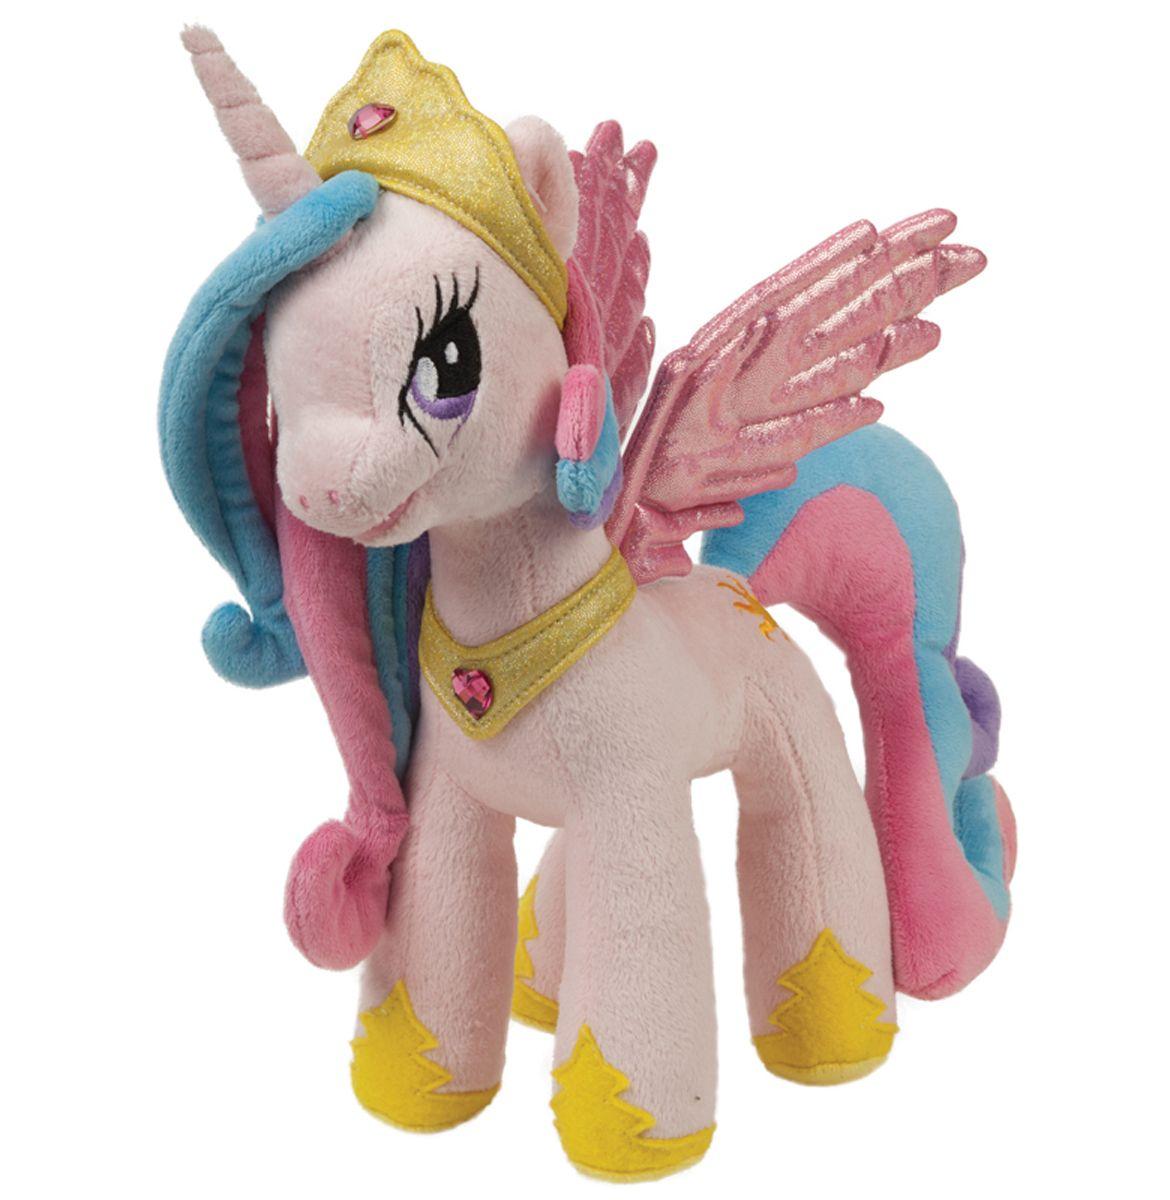 Мульти-Пульти Мягкая игрушка Пони принцесса Селестия 25 смV27498/25Мягкая игрушка сама по себе ассоциируется с радостью и весельем, конечно, и для наших детей такой подарок станет поистине незабываемым. Забавные, добрые мягкие игрушки радуют детей с самого рождения. Ведь уже в первые месяцы жизни ребенок проявляет интерес к плюшевым зверятам и необычным персонажам. Сначала они помогают ему познавать окружающий мир через тактильные ощущения, знакомят его с животным миром нашей планеты, формируют цветовосприятие и способствуют концентрации внимания.